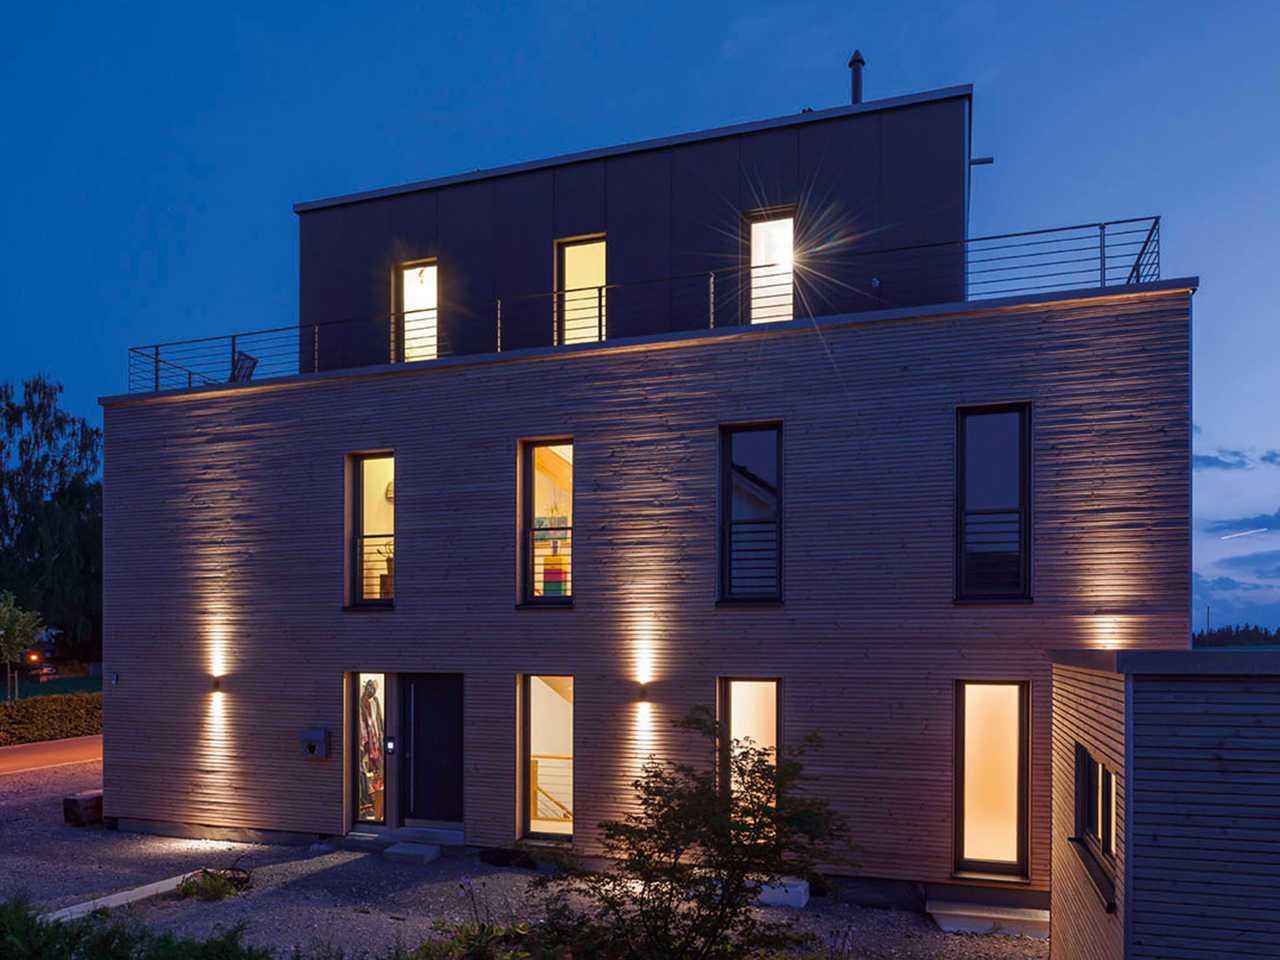 KitzlingerHaus - Referenzhaus Steinenbronn Gartenansicht bei Nacht